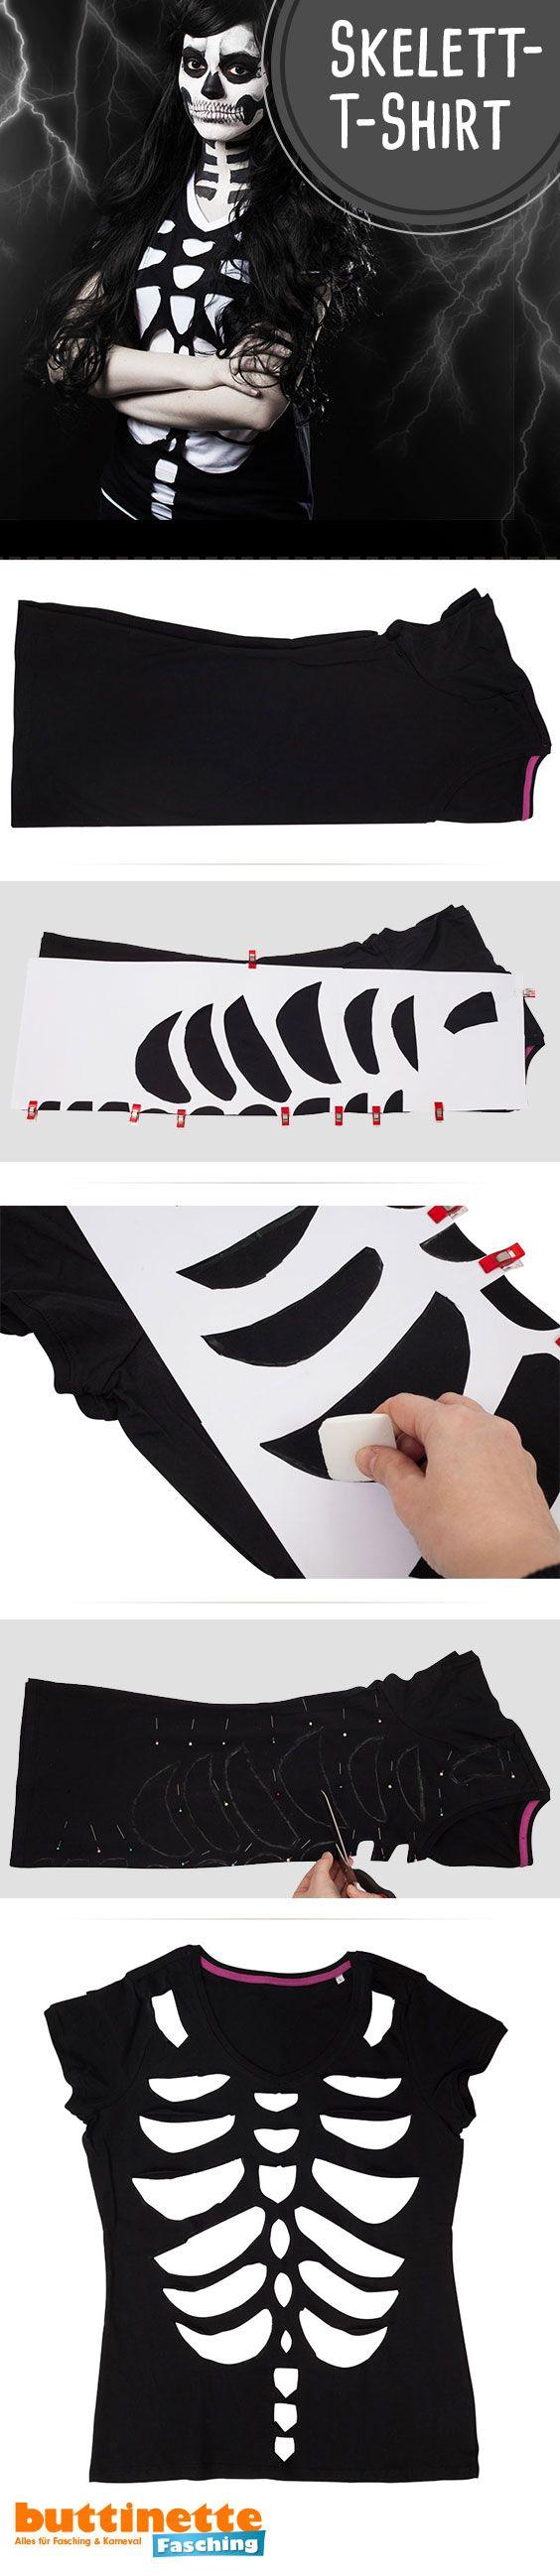 ein skelettshirt last minute halloween kost m zum. Black Bedroom Furniture Sets. Home Design Ideas